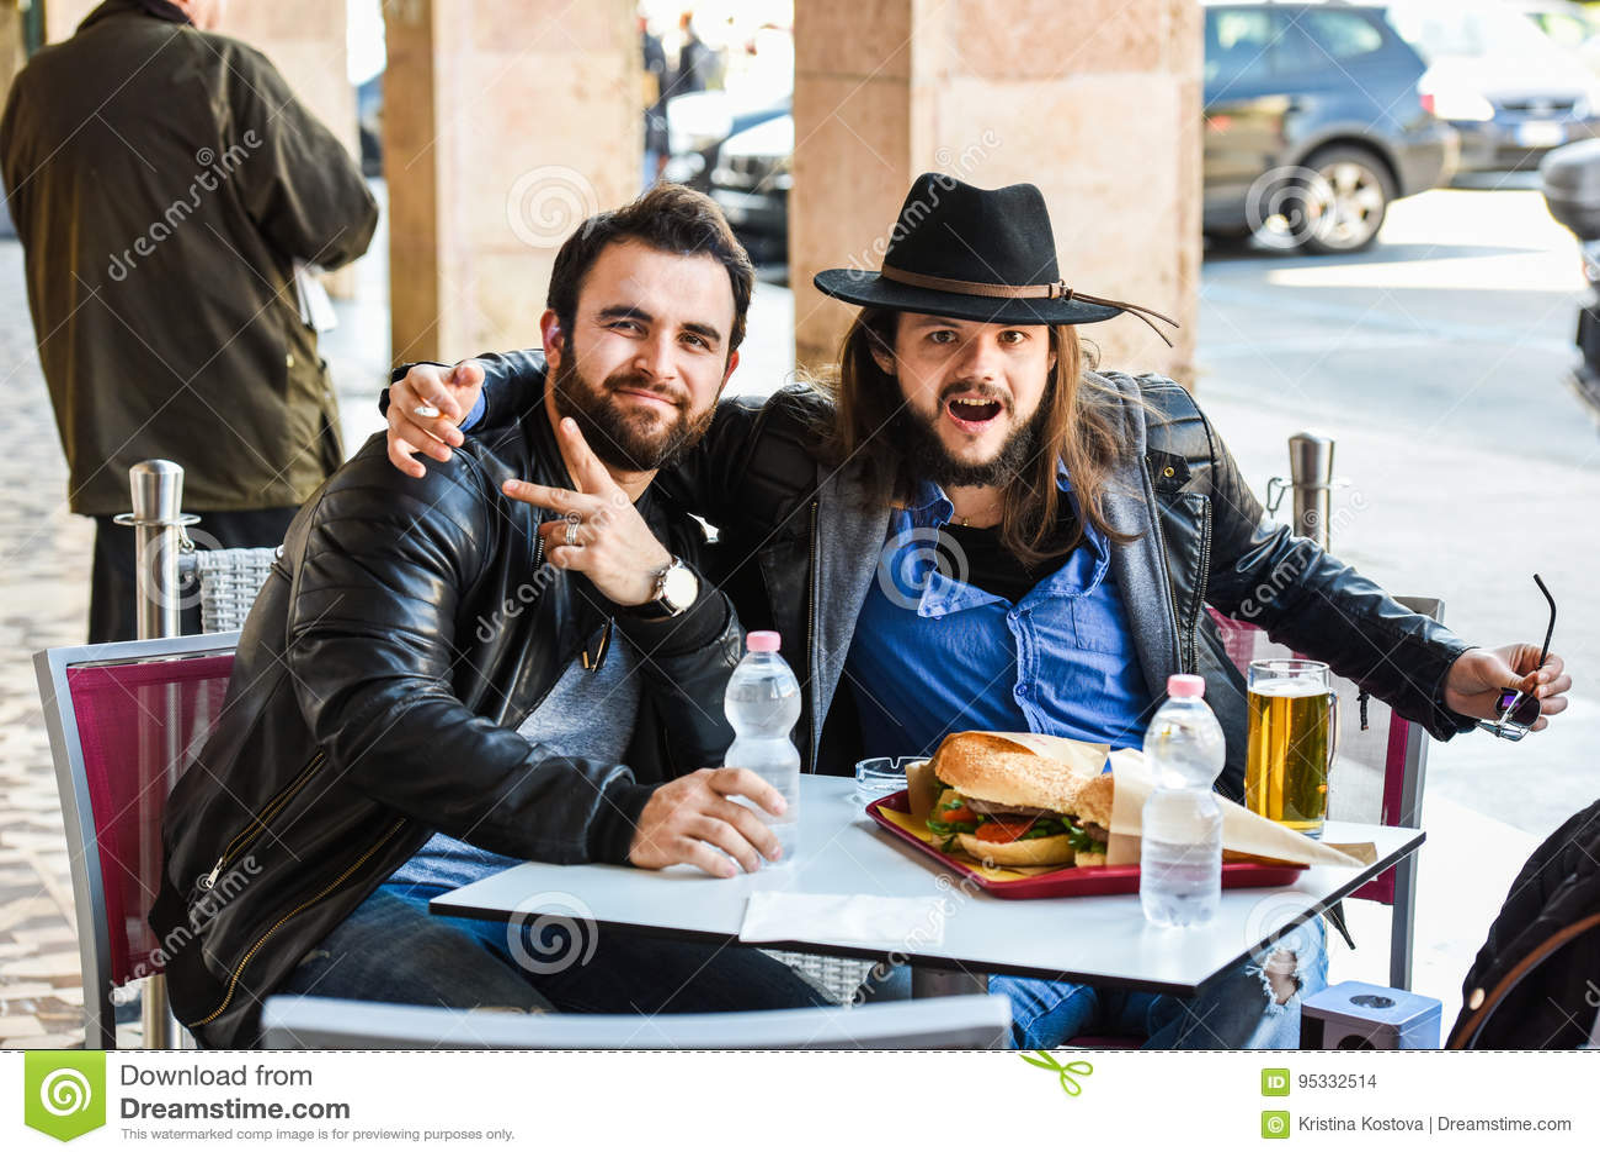 Zwei hungrige Freunde/Touristen essen draußen im offenen